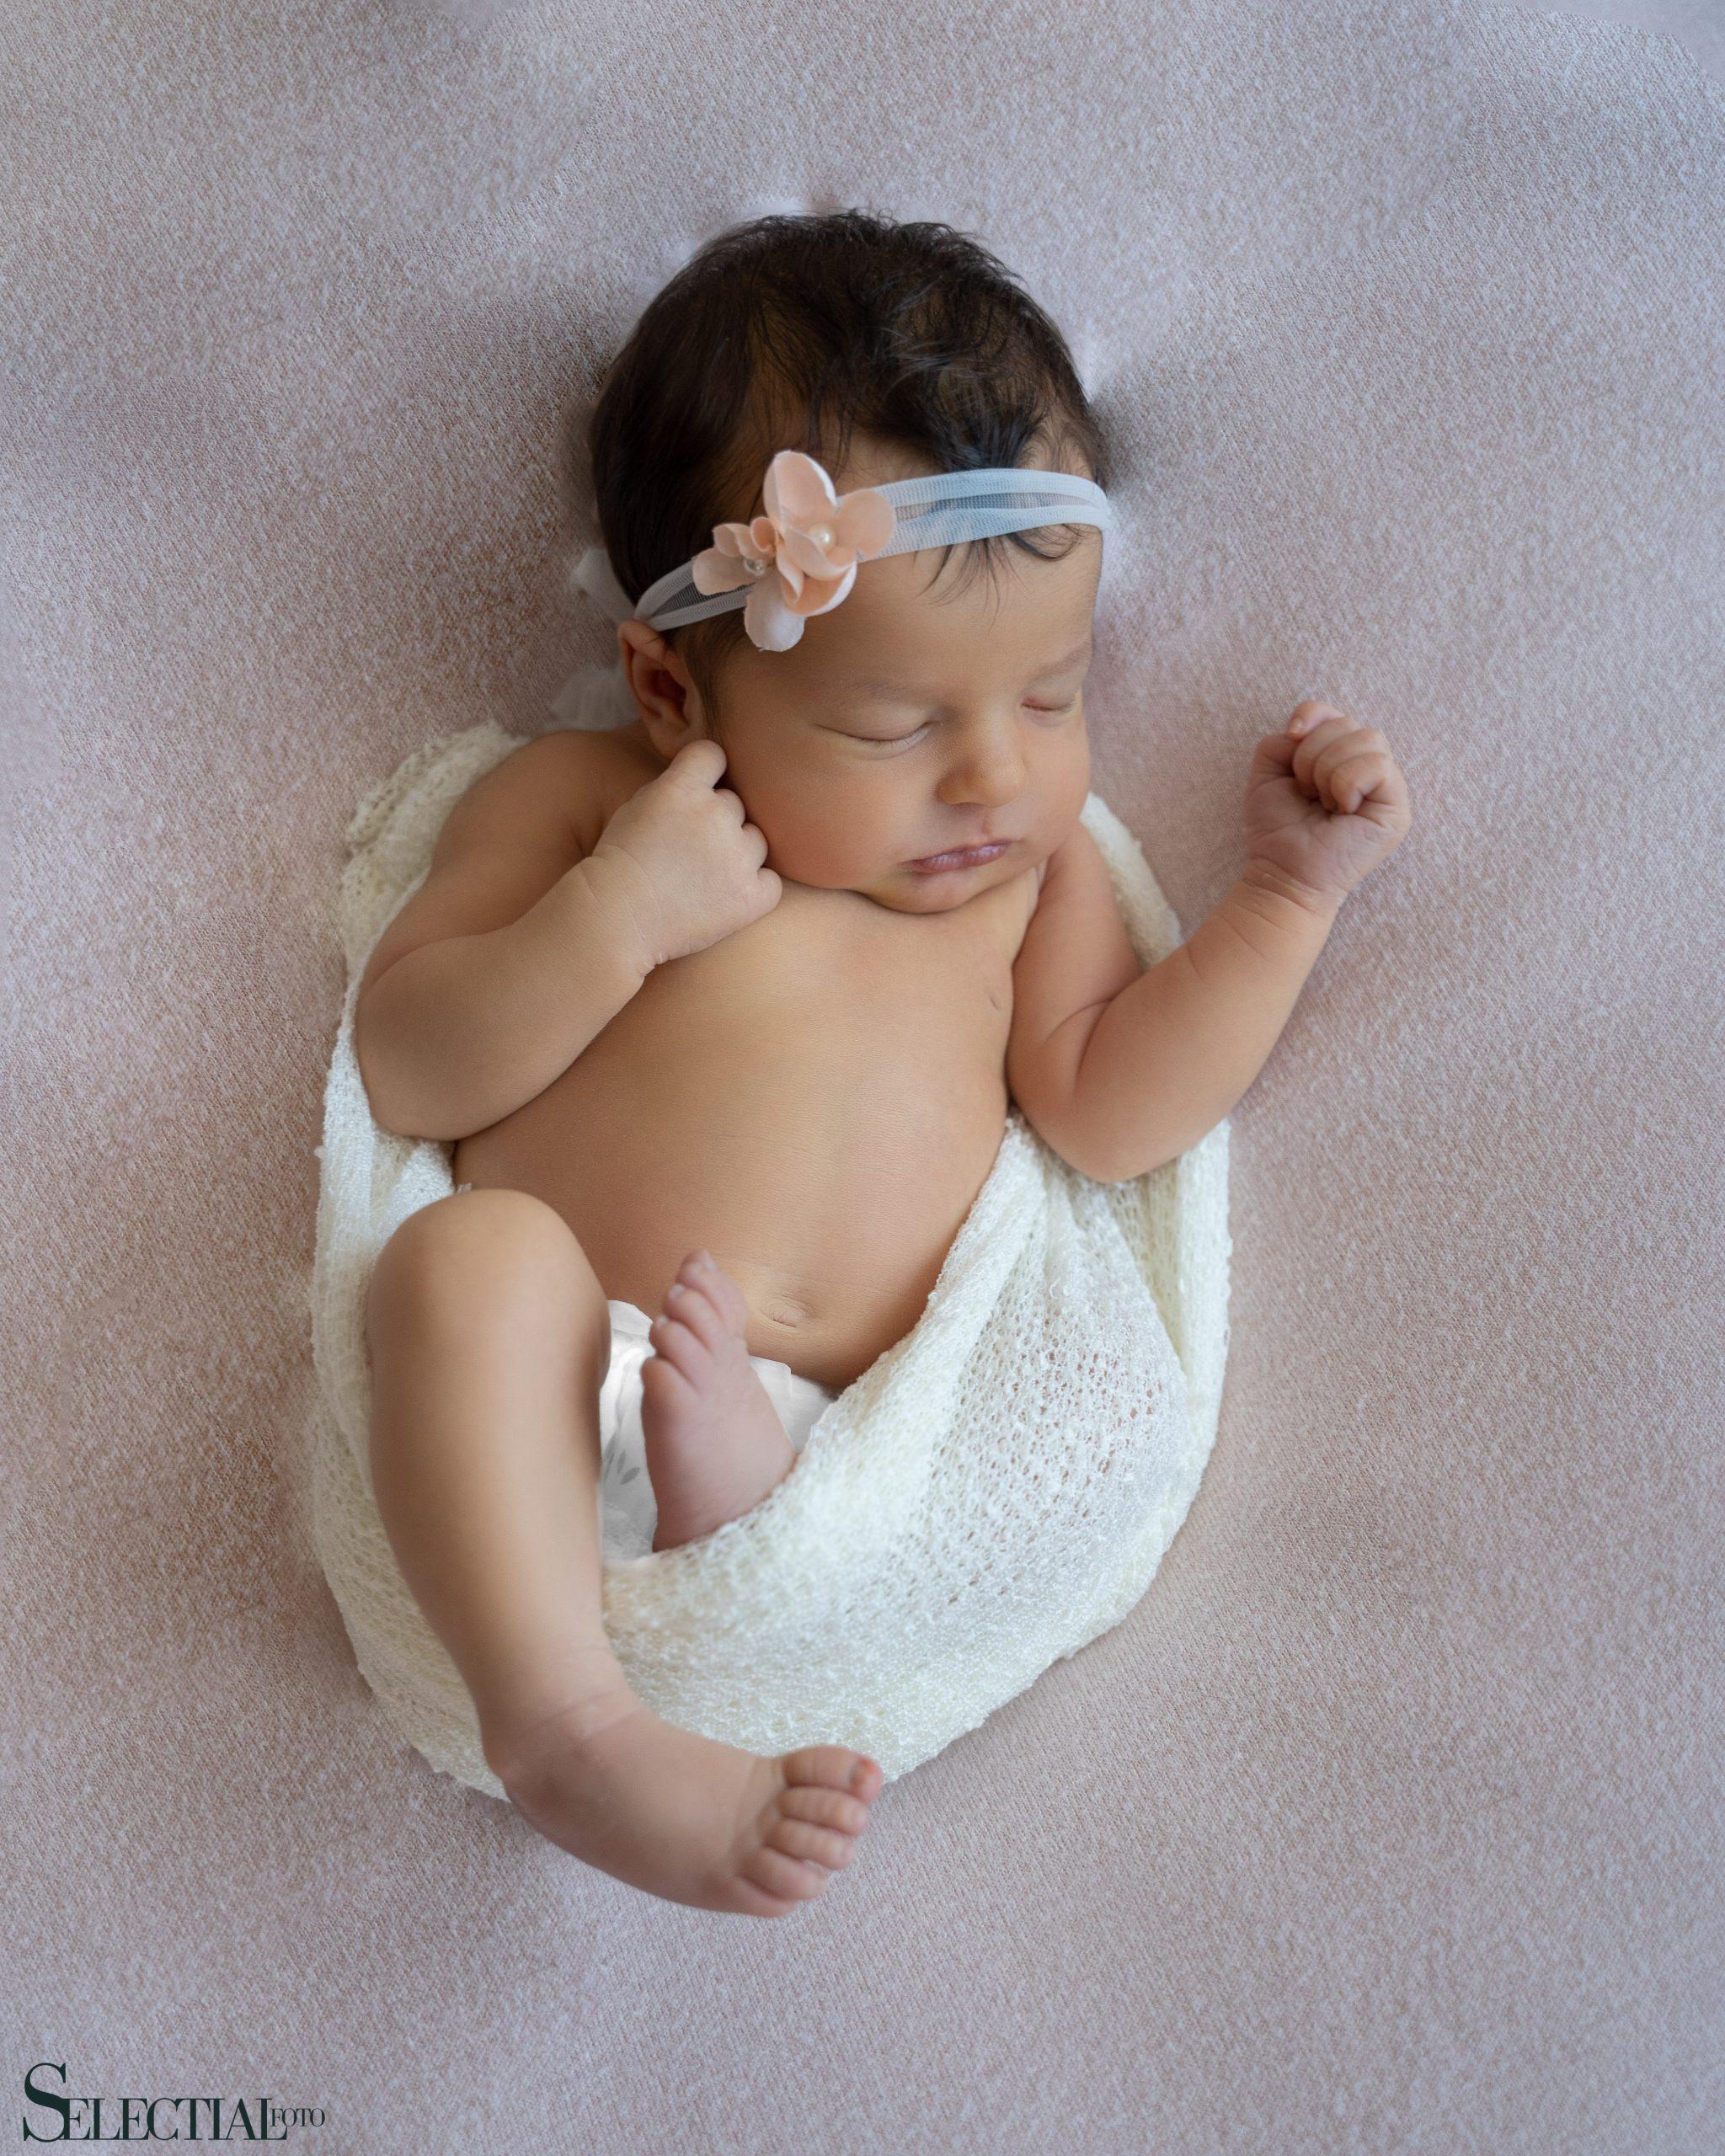 Foto_Newborn_Selena_J_Portofolio-3